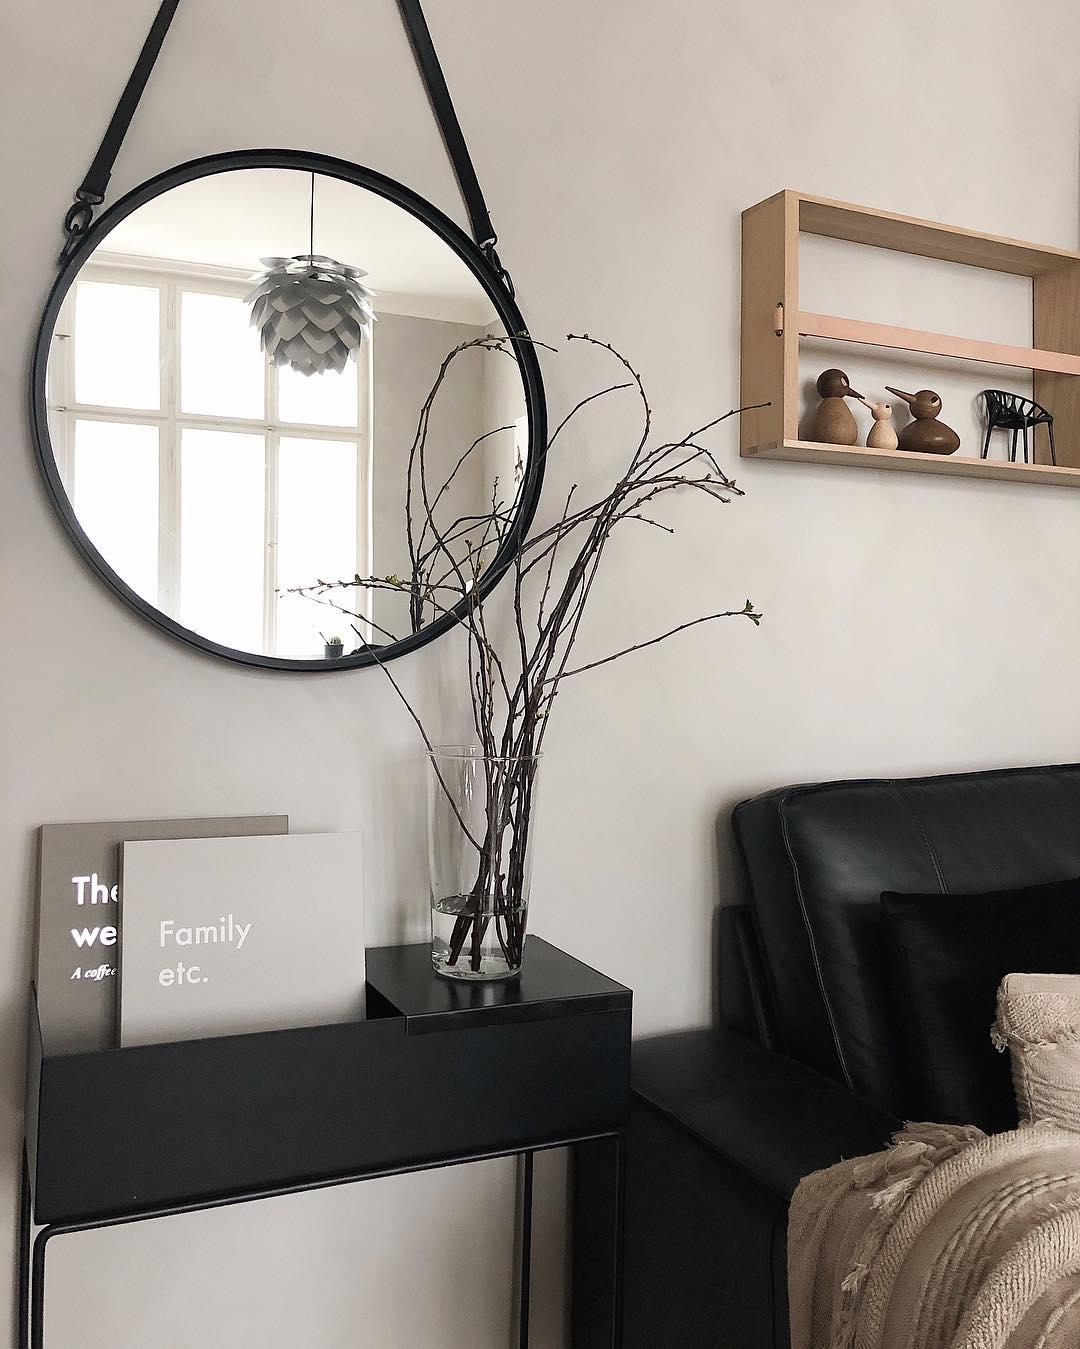 couleur pastel salon canapé noir miroir rond métal table rectangle - blog déco - clem around the corner